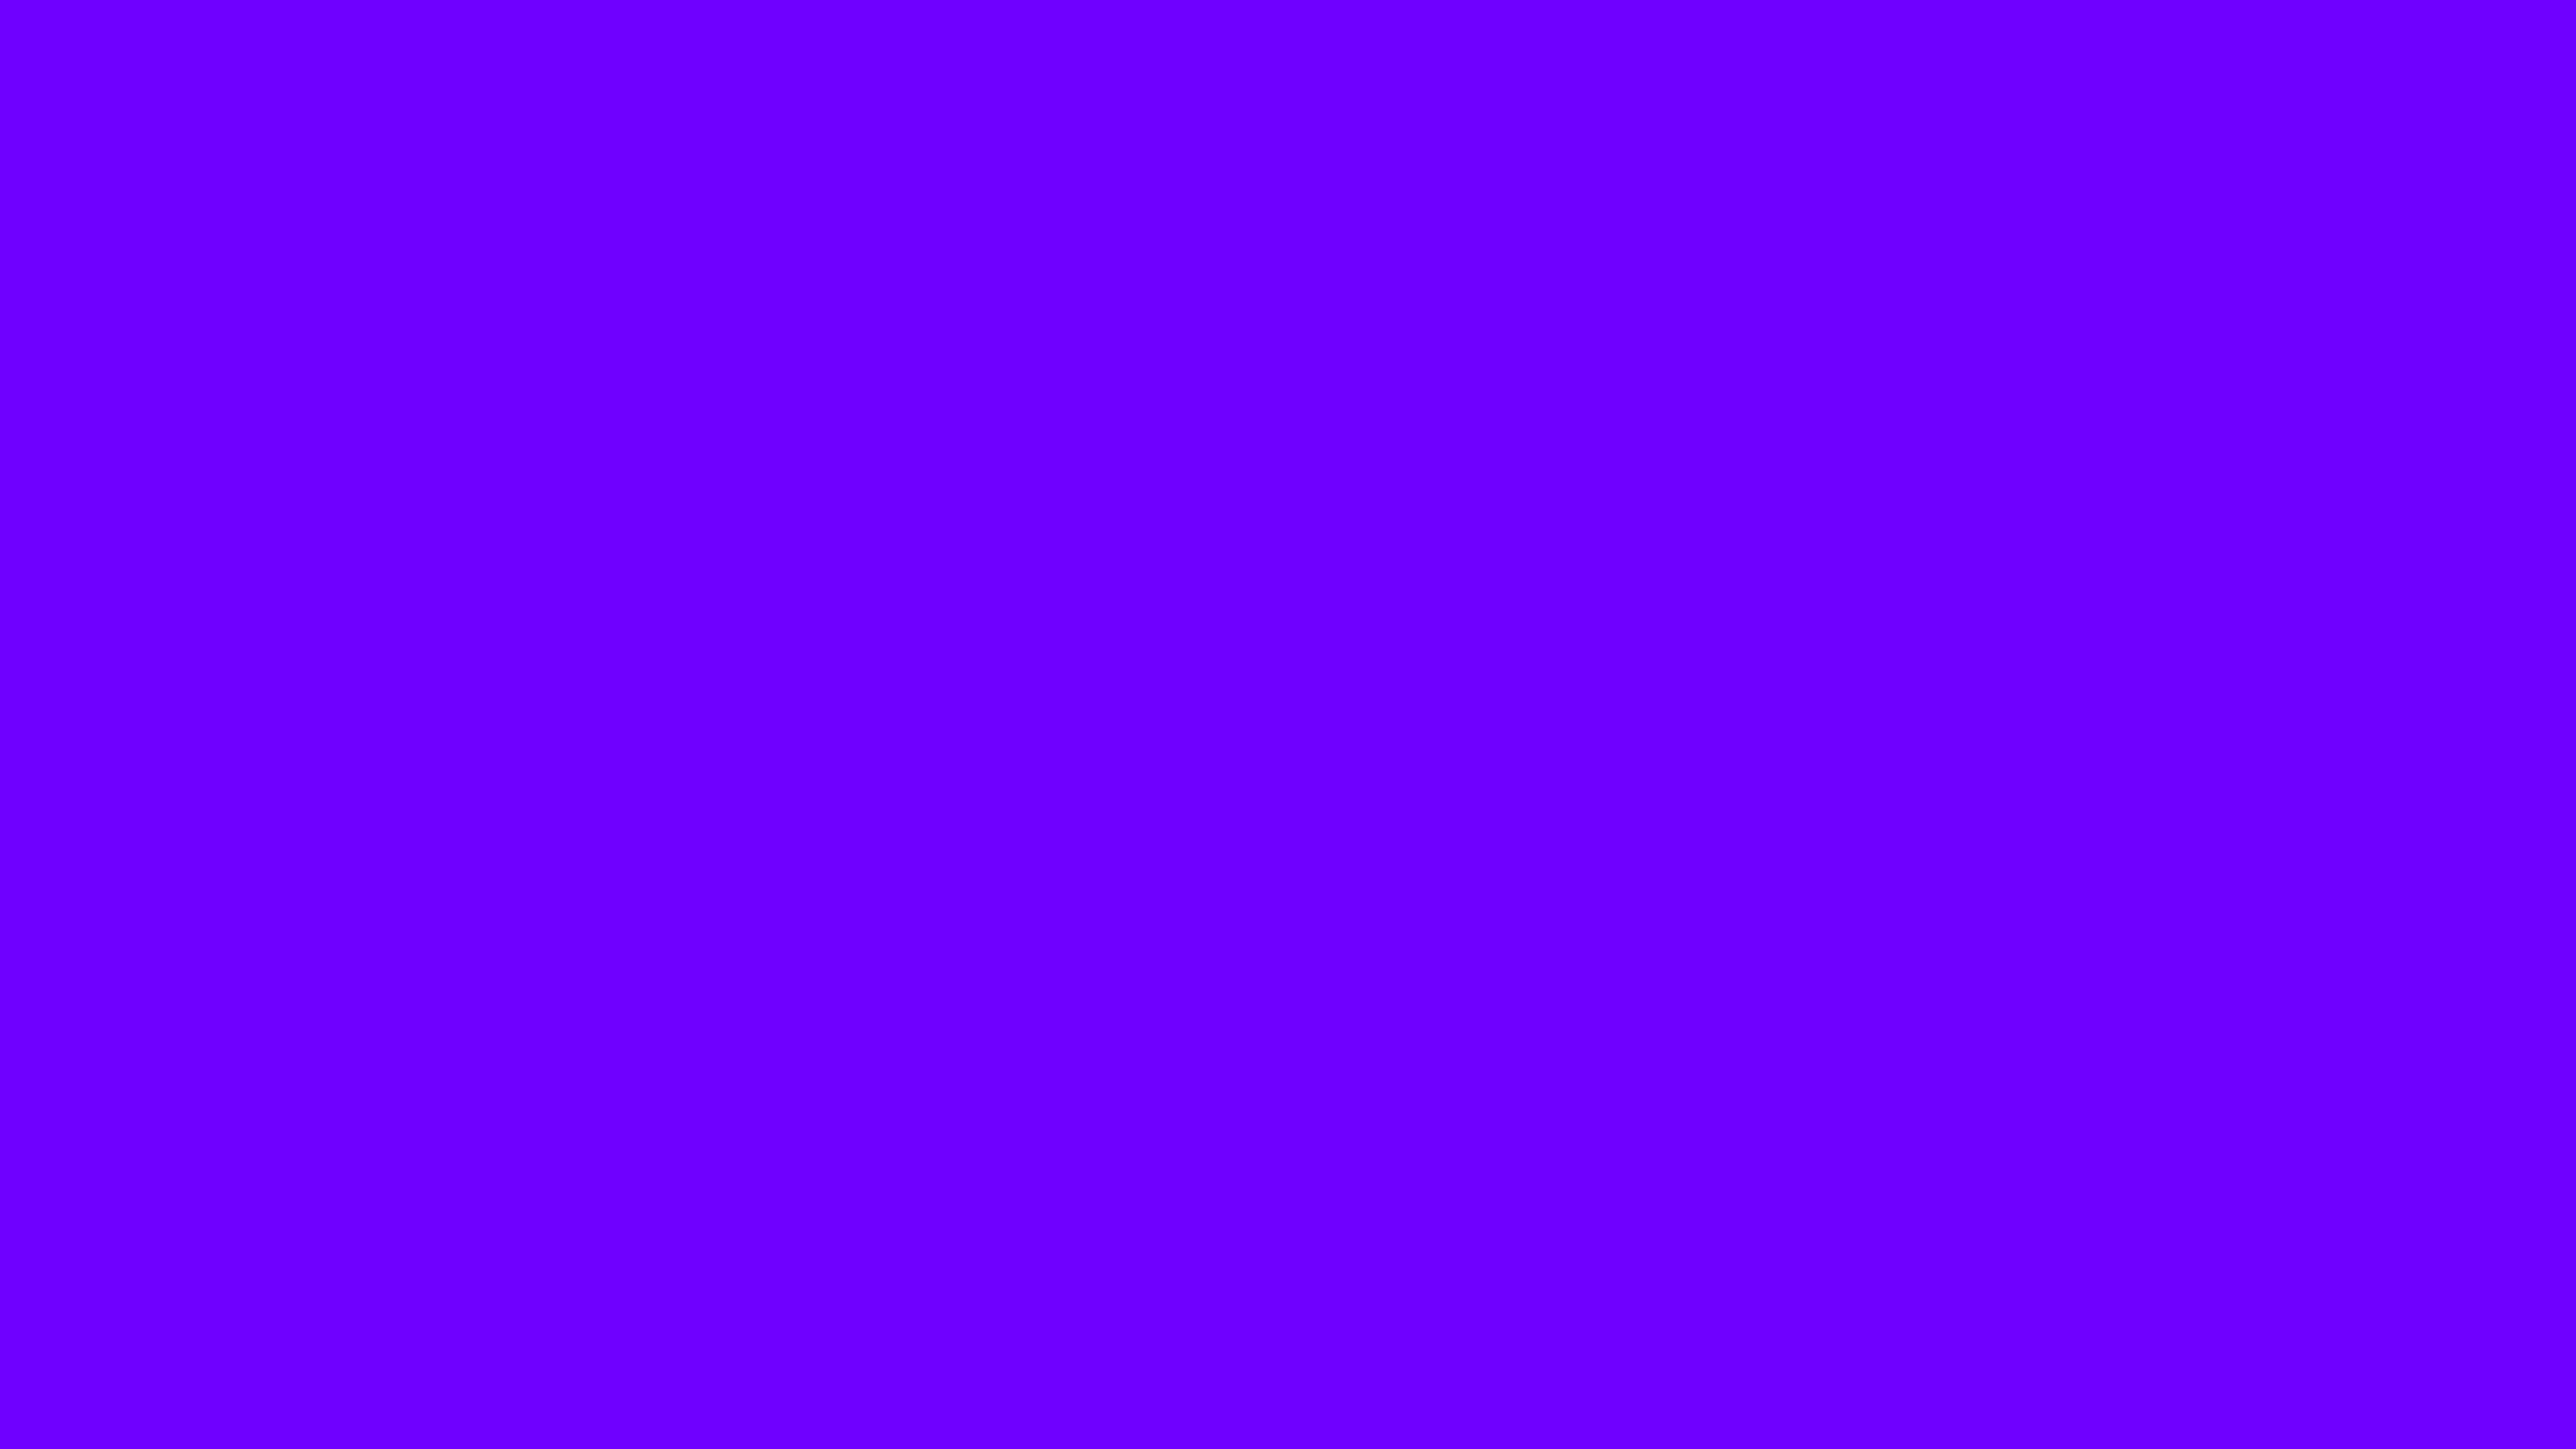 4096x2304 Indigo Solid Color Background